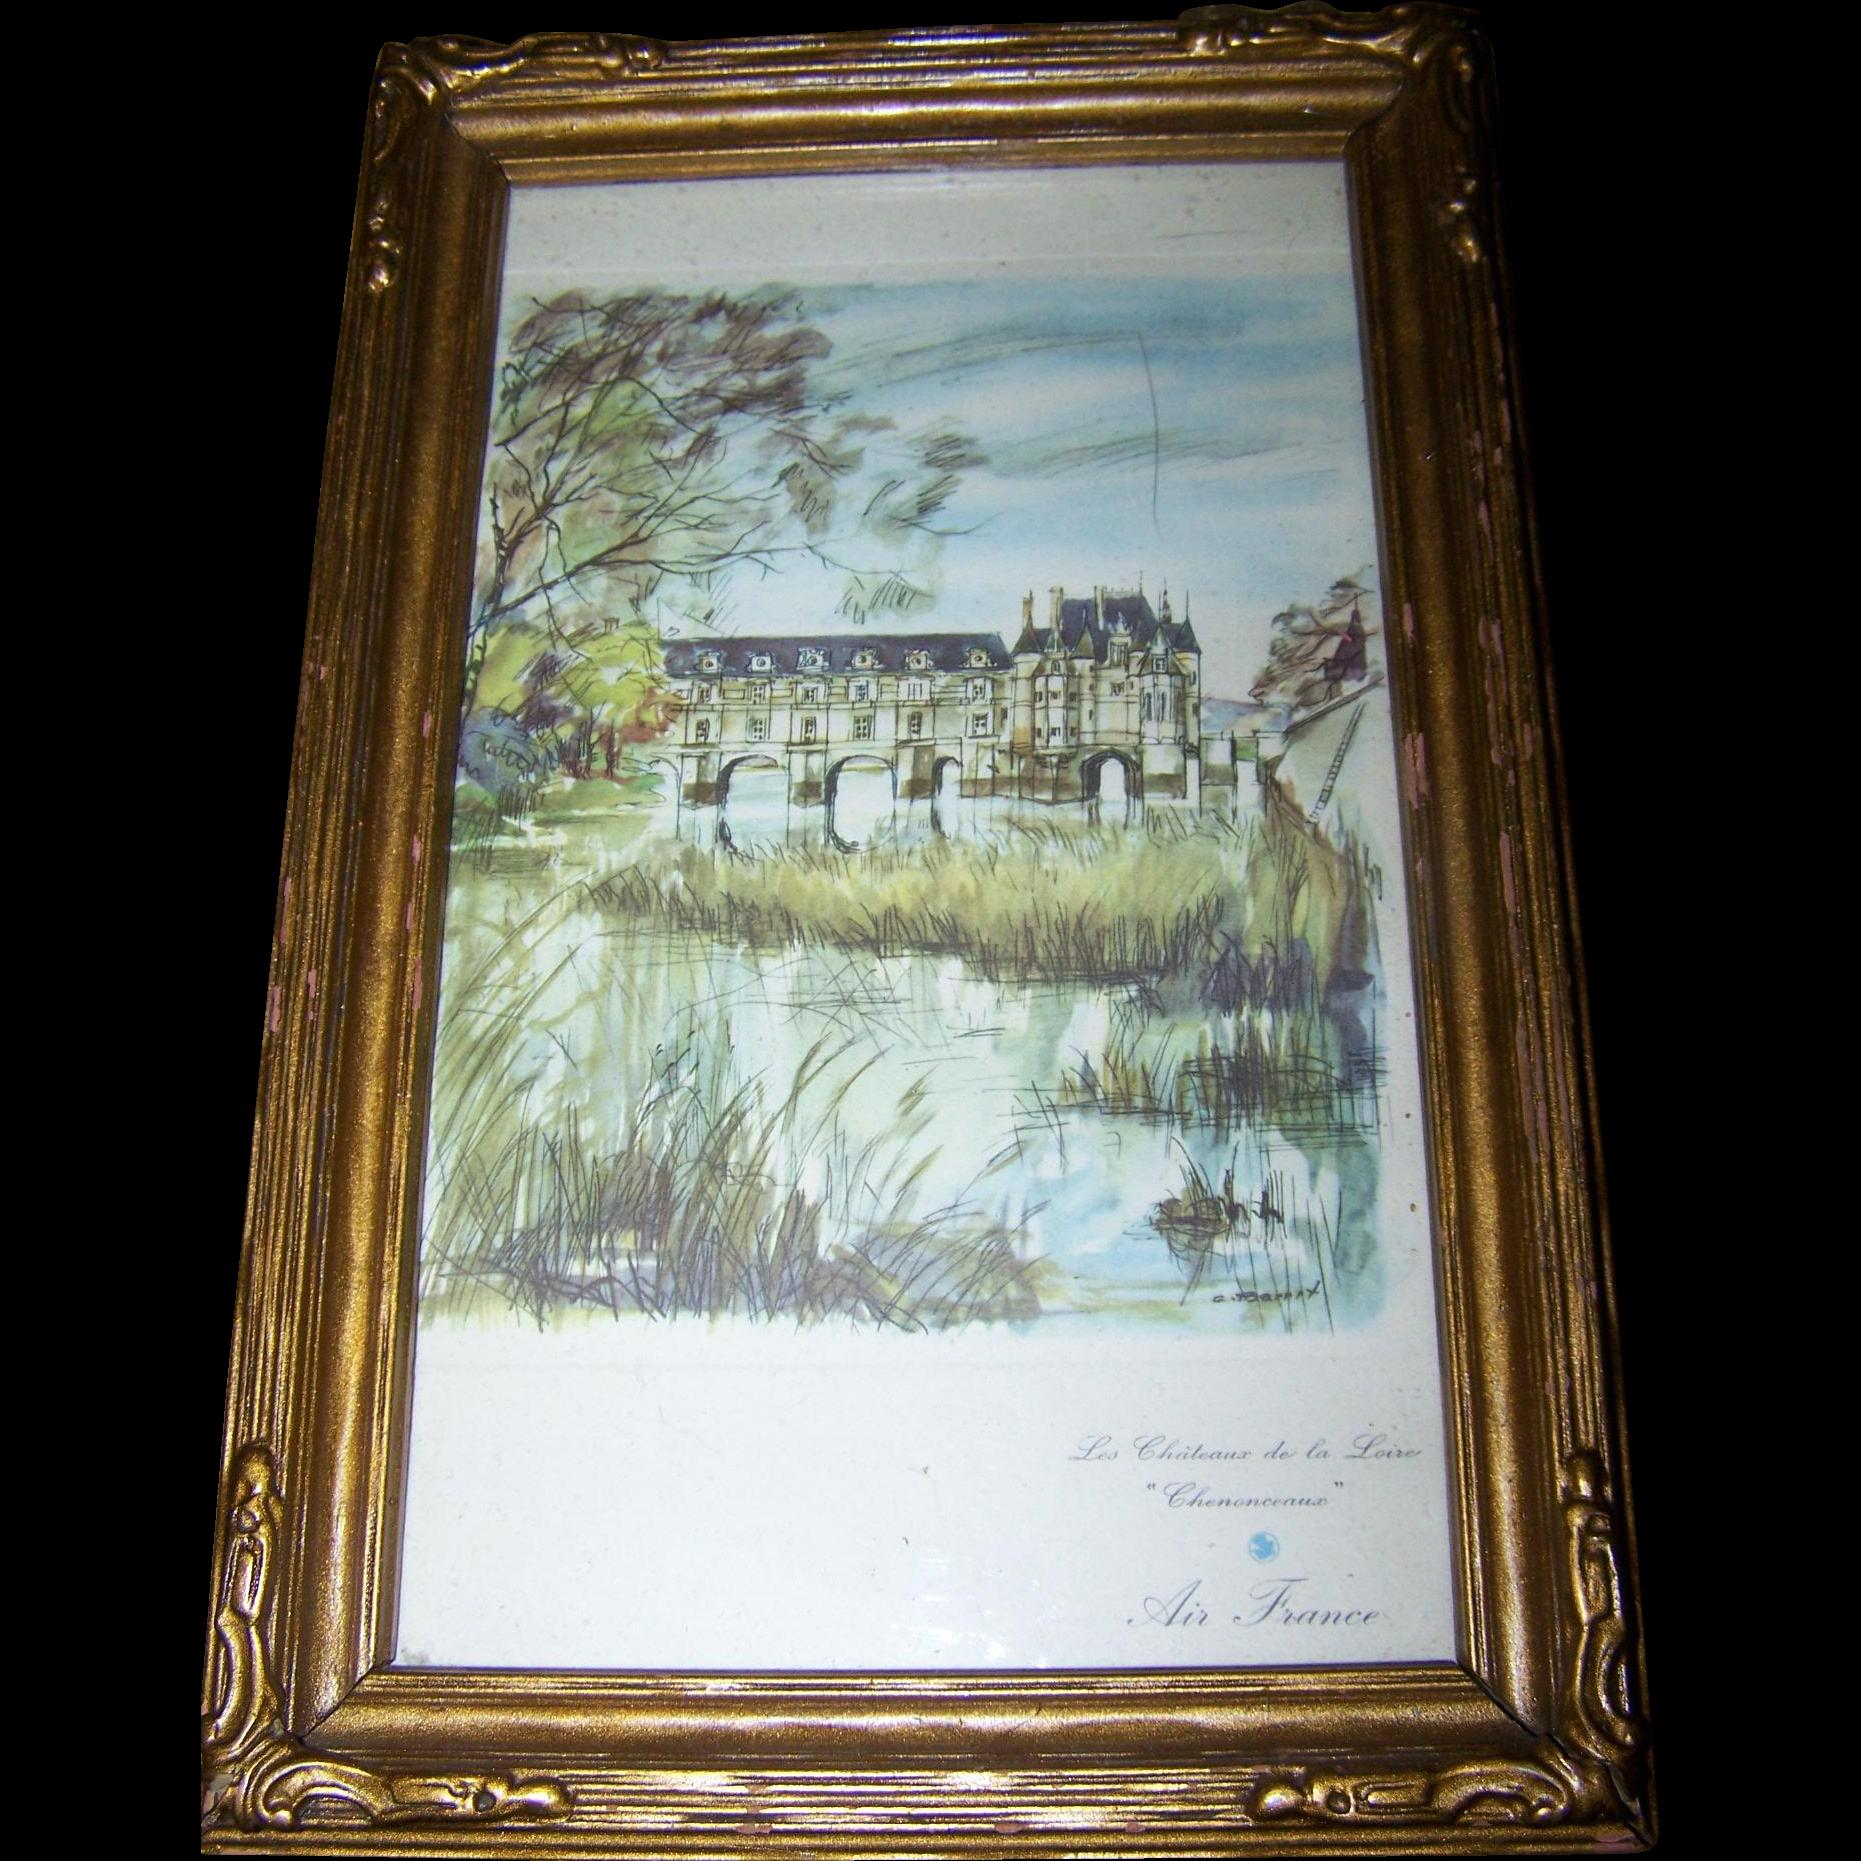 Vintage Framed Advertising Print Air France Les Chateau de la Loire Chenoceaux